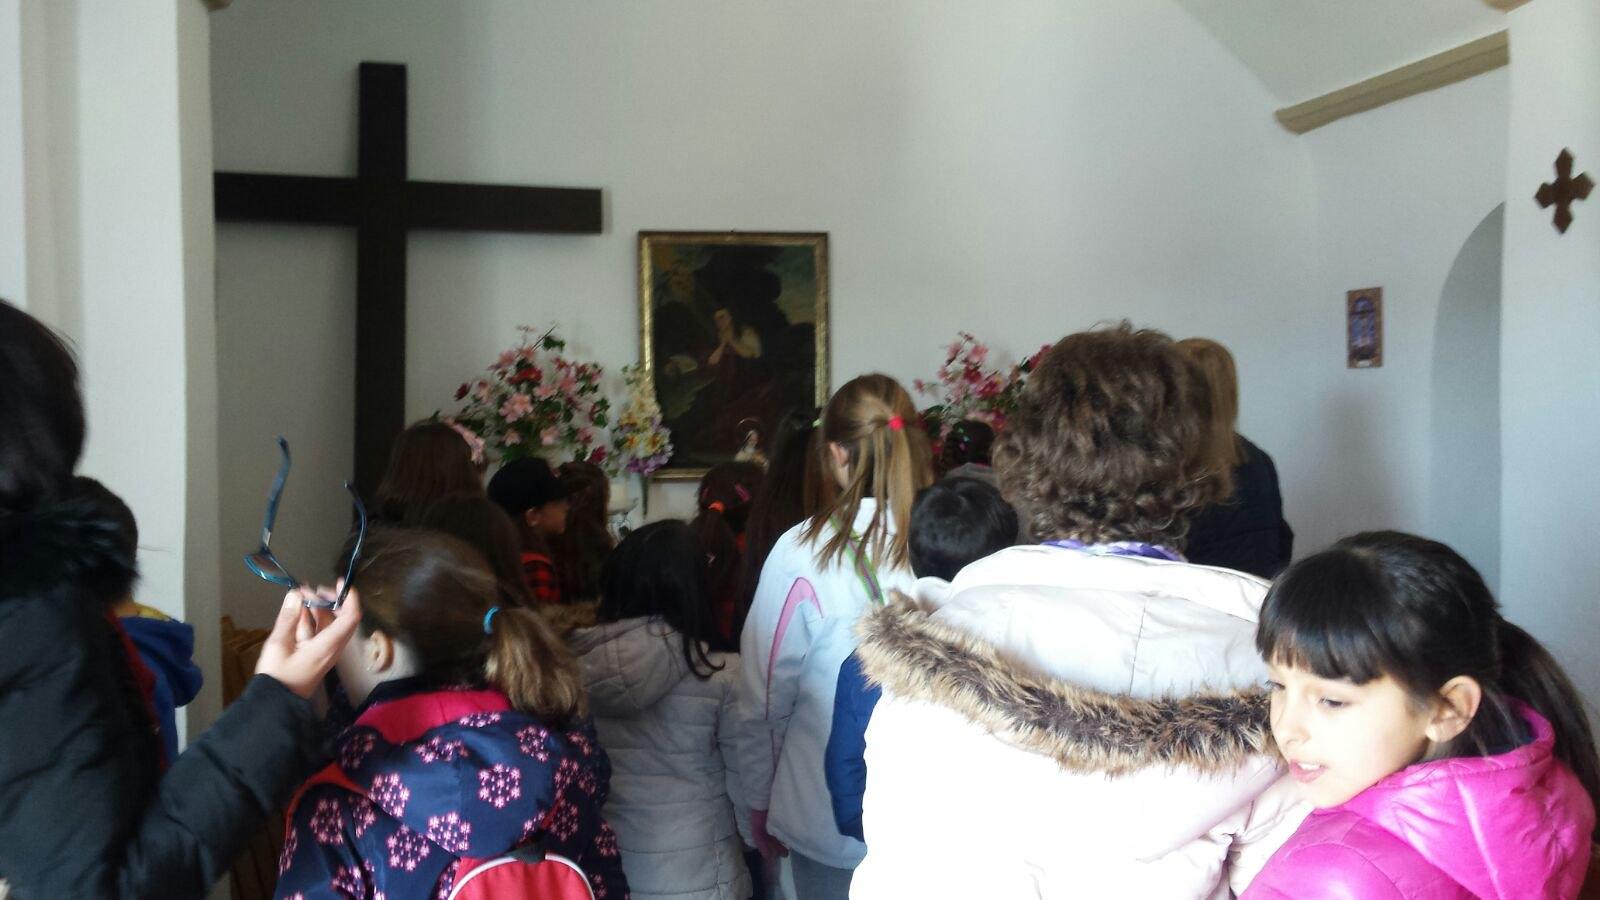 (2018-03-22) - Visita ermita alumnos Laura,3ºC, profesora religión Reina Sofia - Marzo -  María Isabel Berenguer Brotons (08)